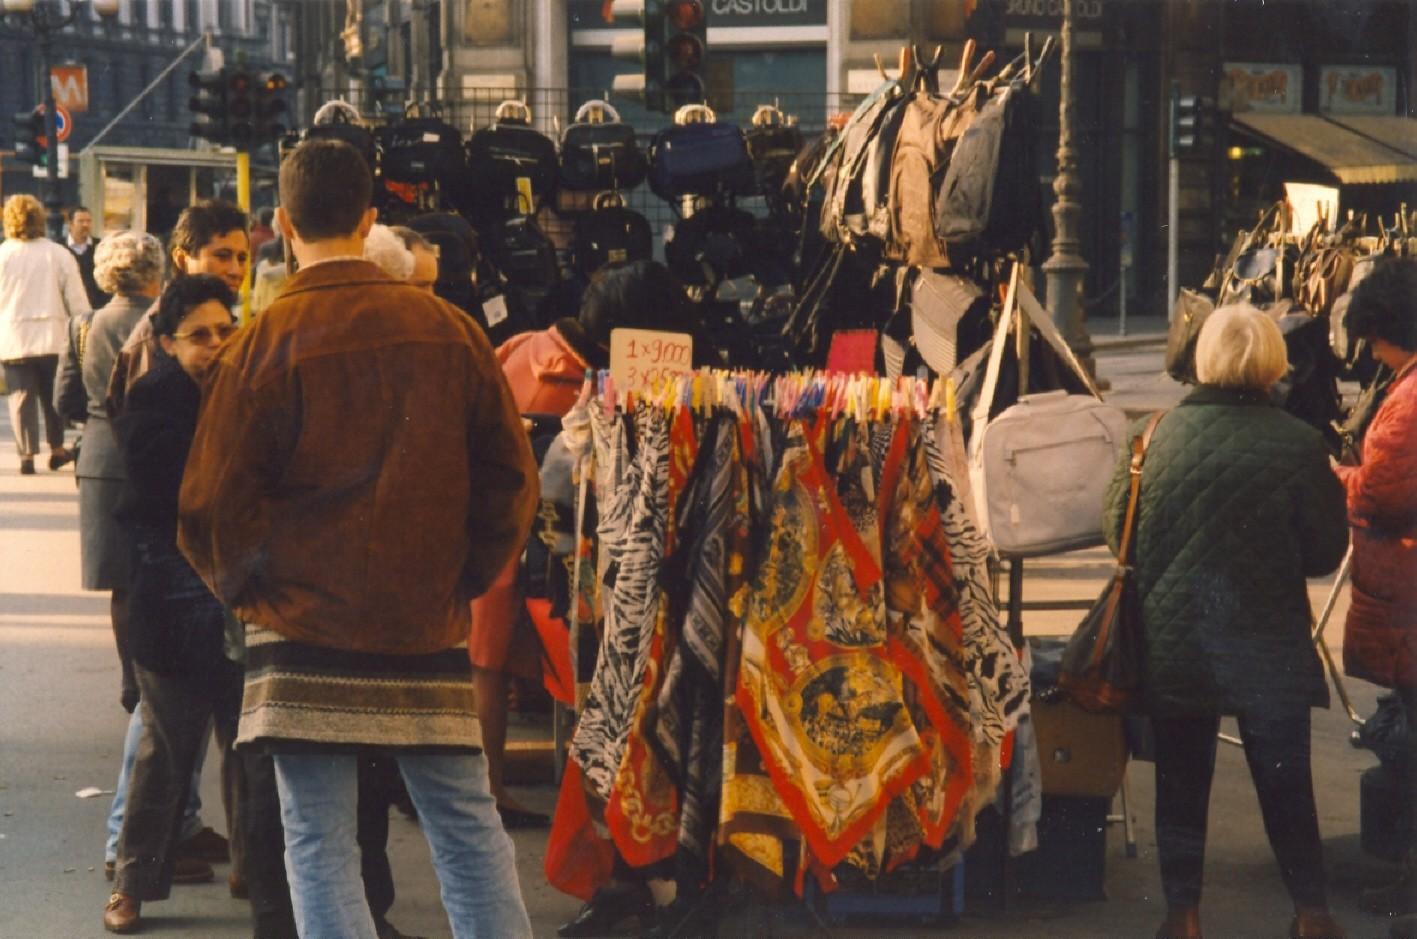 Banco mobile borse e foulard Piazza Cordusio 1998